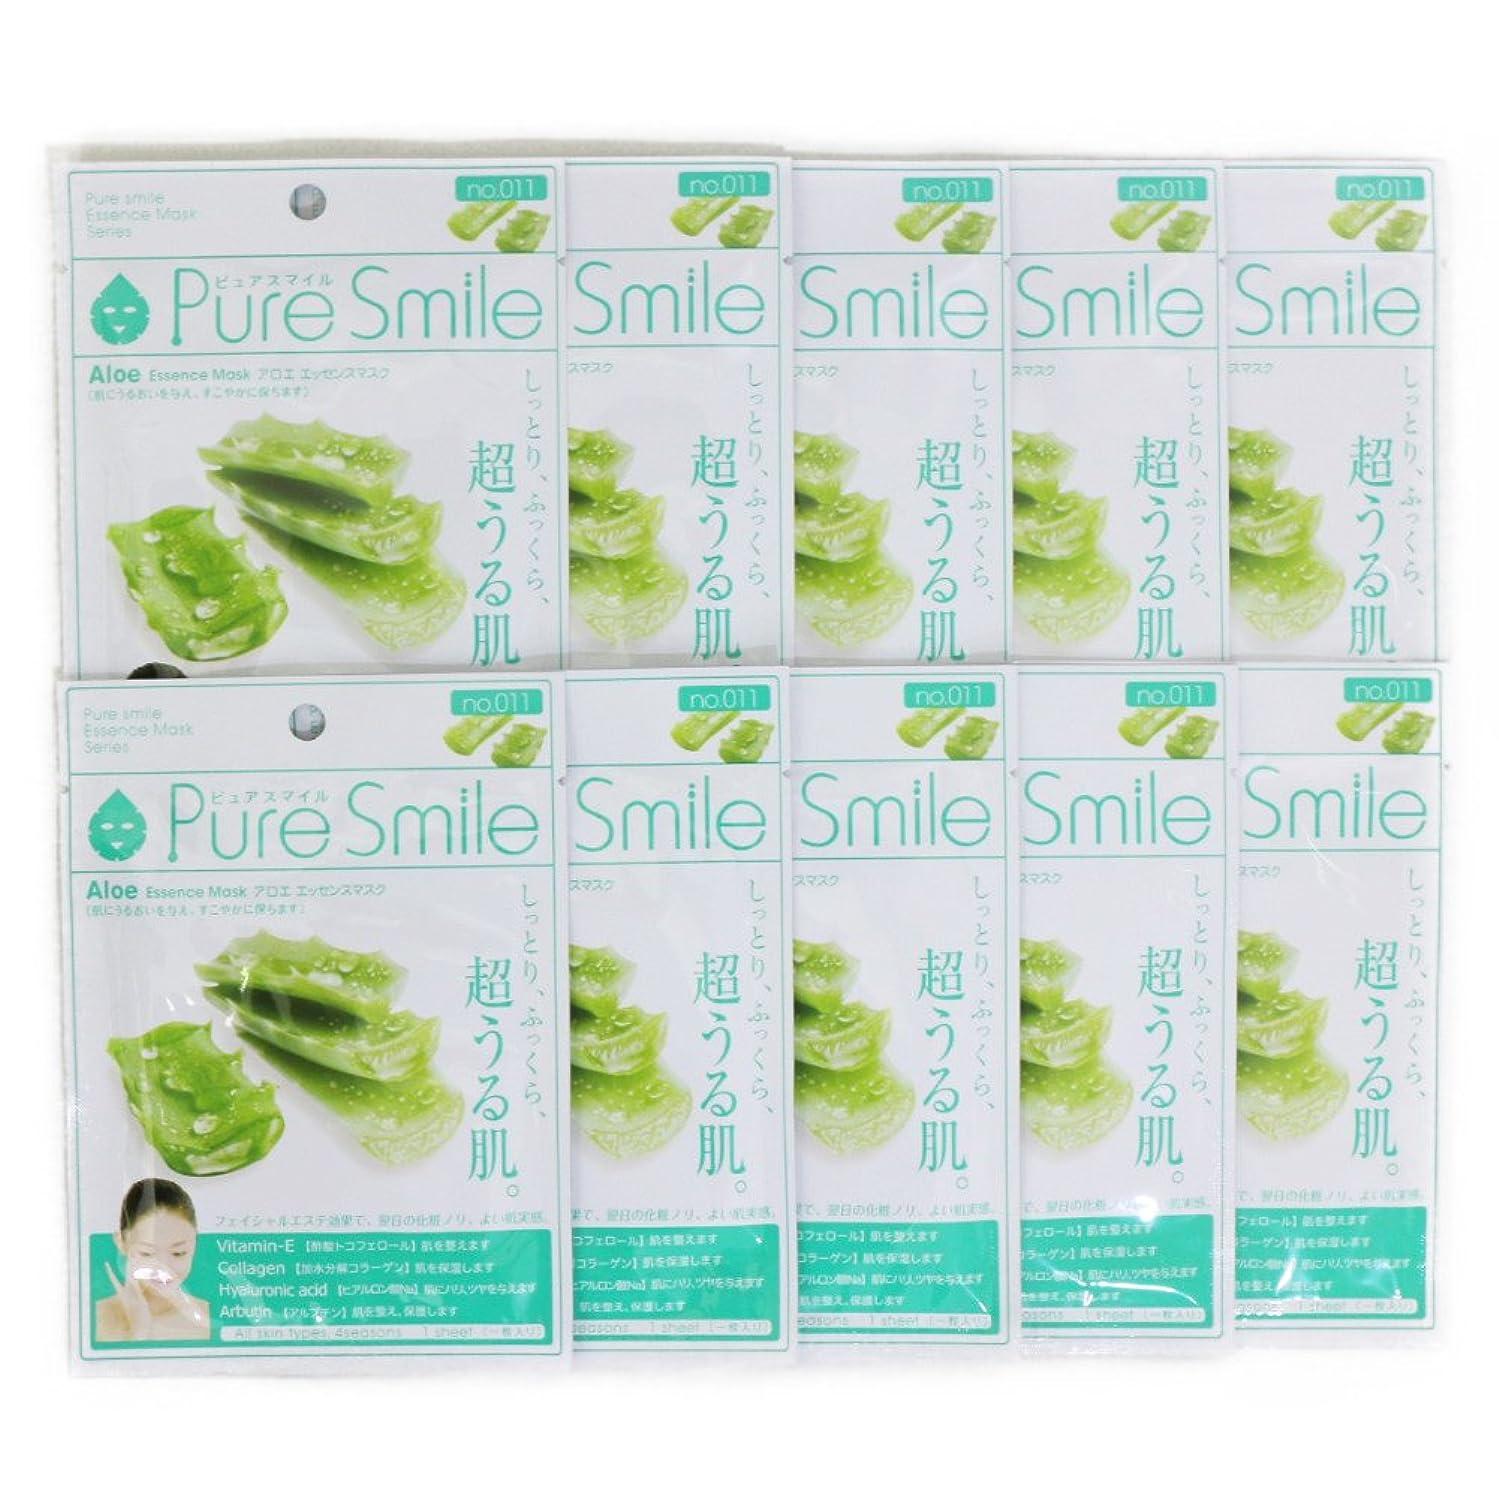 机アスレチック満員Pure Smile ピュアスマイル エッセンスマスク アロエ 10枚セット